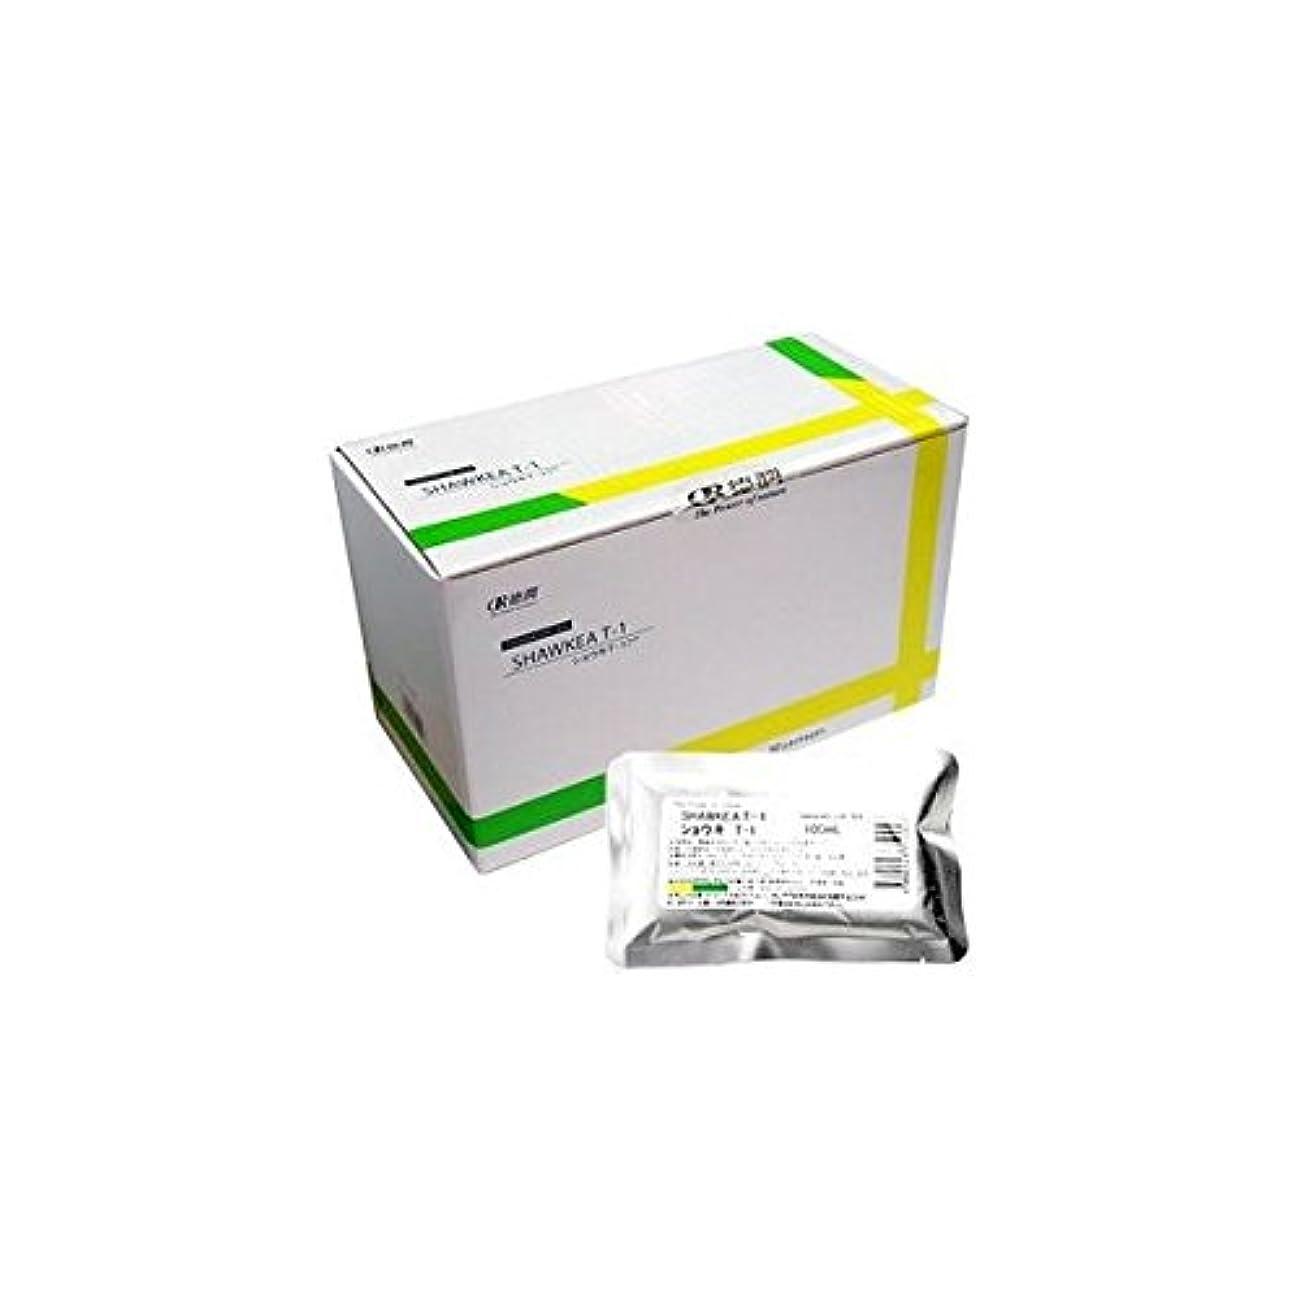 精通した大きい息を切らして【P&G】ウエラトーン ツープラスワン(2+1) クリーム 4G(60g+60gl+7.3ml) (医薬部外品)(お買い得3個セット)